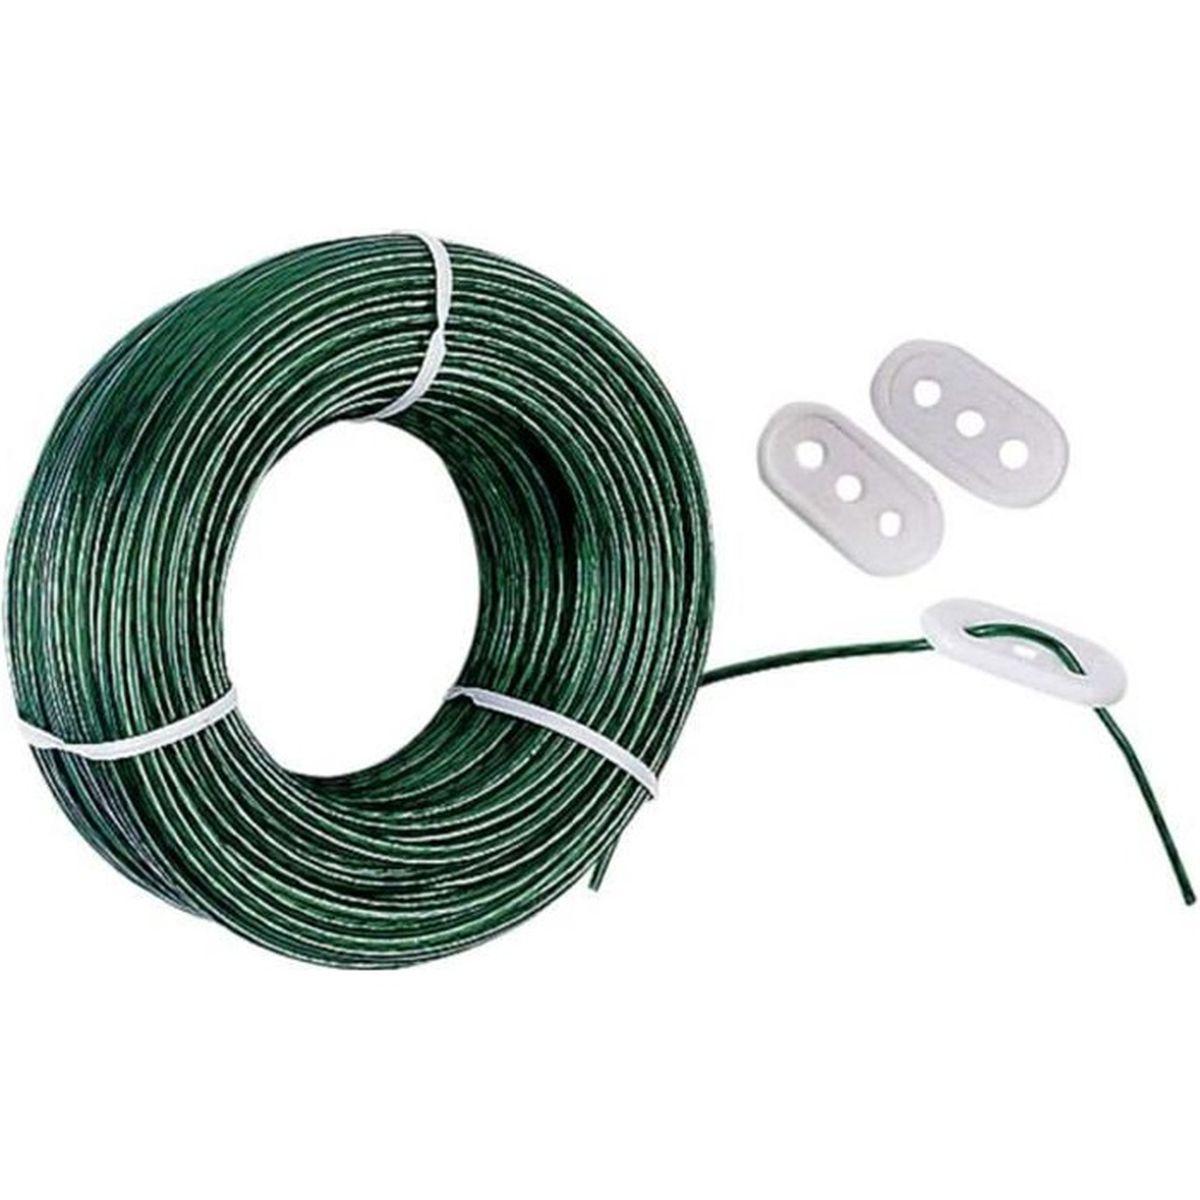 FIL À LINGE - ÉTENDOIR Corde à linge en acier plastifié. Livrée avec 3…